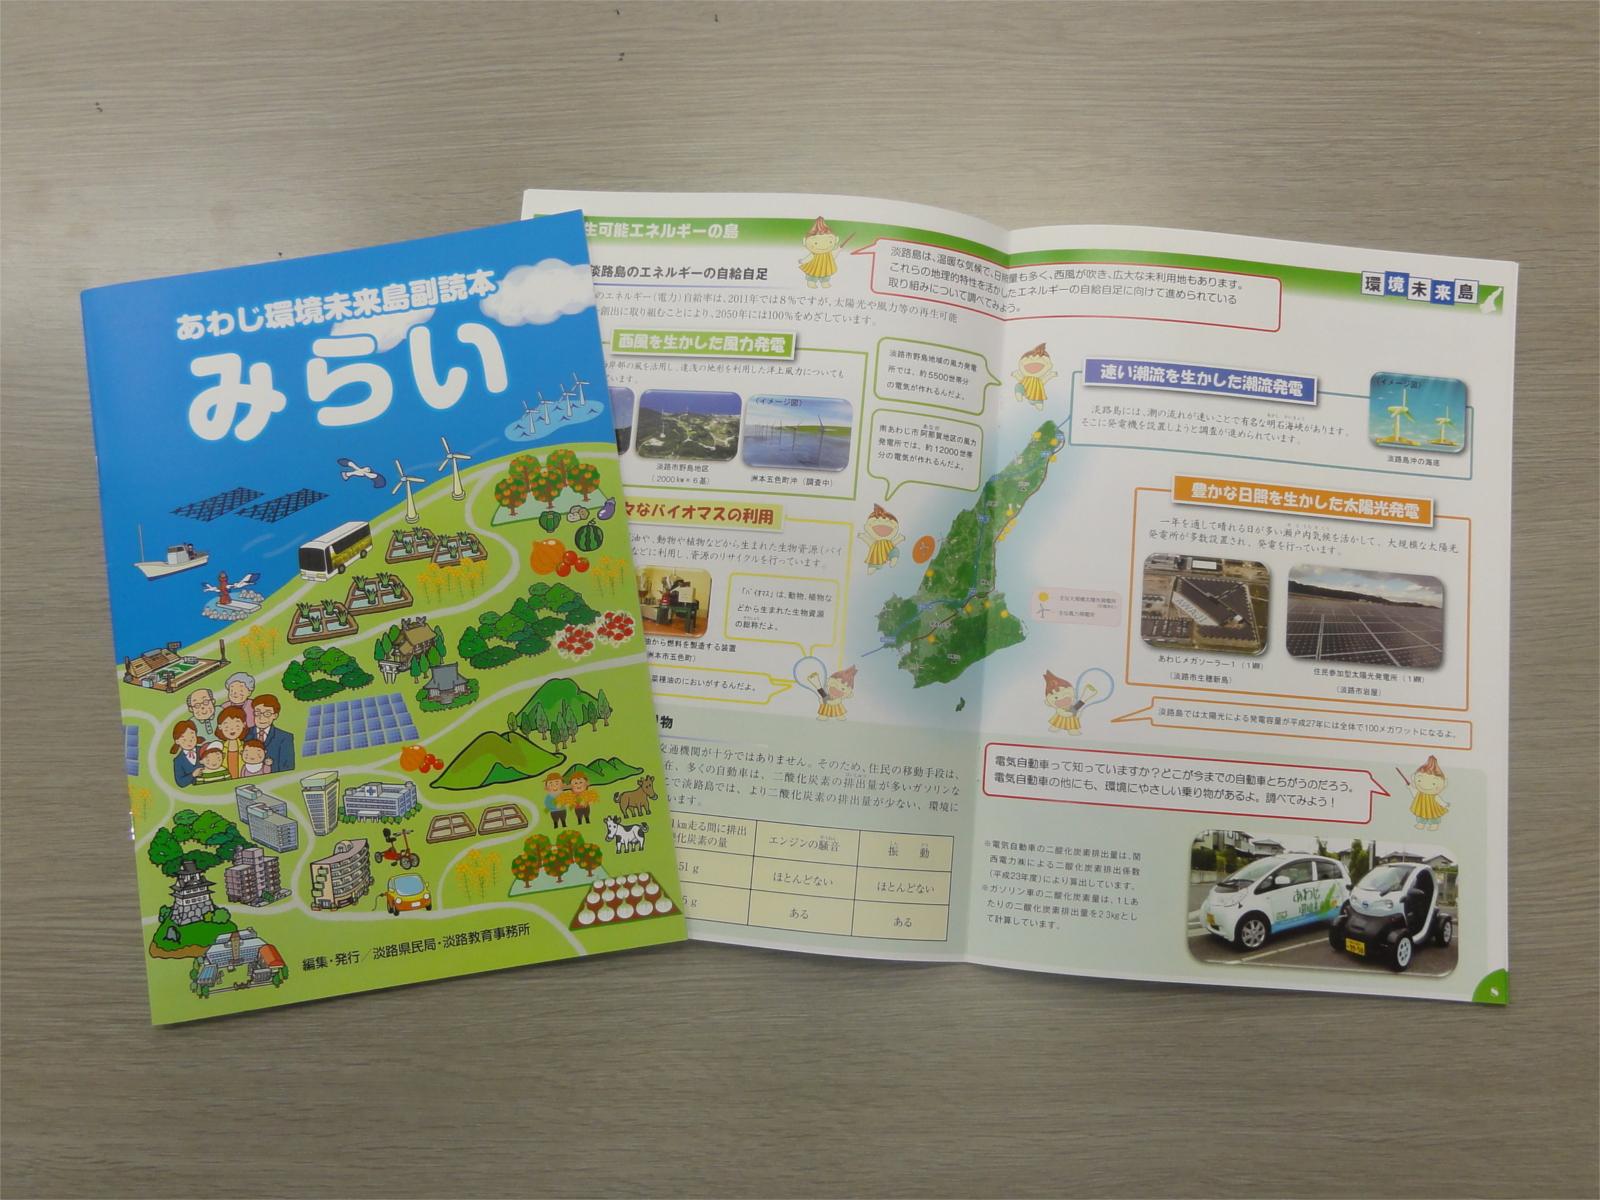 あわじ環境未来島副読本